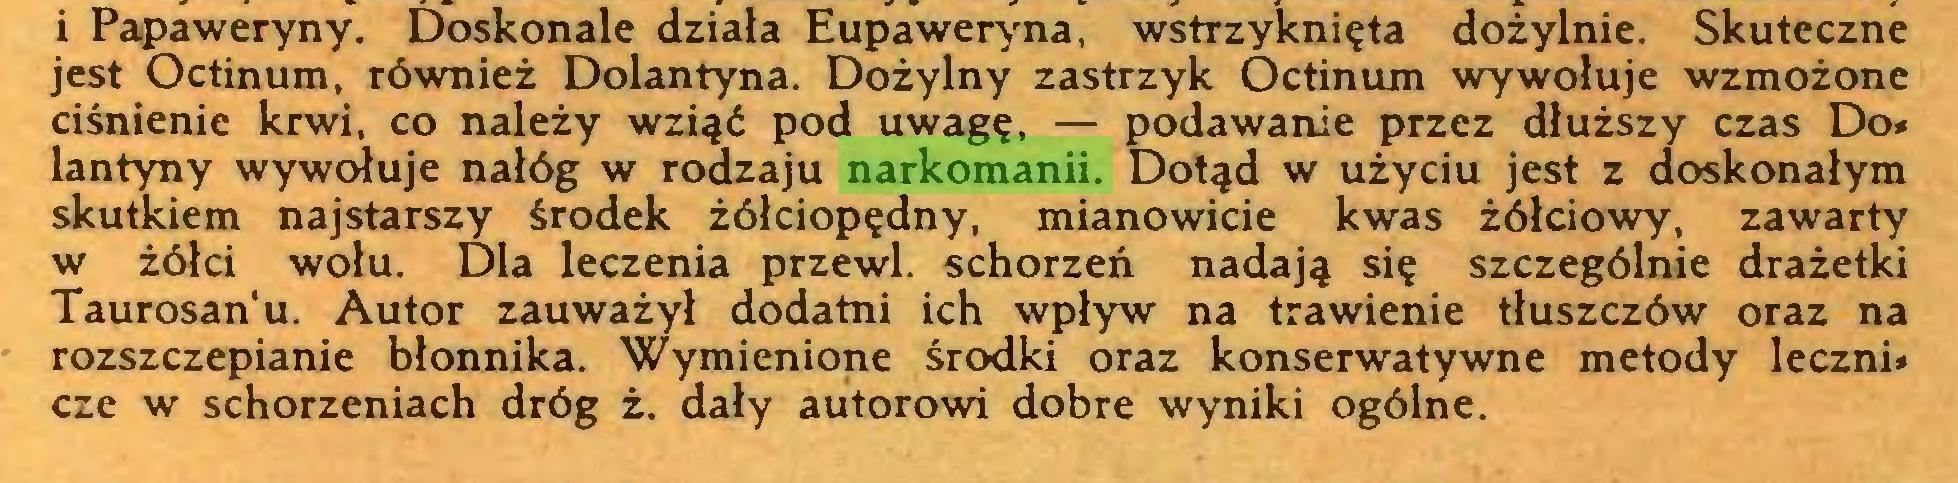 (...) i Papaweryny. Doskonale działa Eupaweryna, wstrzyknięta dożylnie. Skuteczne jest Octinum, również Dolantyna. Dożylny zastrzyk Octinum wywołuje wzmożone ciśnienie krwi, co należy wziąć pod uwagę, — podawanie przez dłuższy czas Do* lantyny wywołuje nałóg w rodzaju narkomanii. Dotąd w użyciu jest z doskonałym skutkiem najstarszy środek żółciopędny, mianowicie kwas żółciowy, zawarty w żółci wołu. Dla leczenia przewl. schorzeń nadają się szczególnie drażetki Taurosan'u. Autor zauważył dodatni ich wpływ na trawienie tłuszczów oraz na rozszczepianie błonnika. Wymienione środki oraz konserwatywne metody leczni* cze w schorzeniach dróg ż. dały autorowi dobre wyniki ogólne...